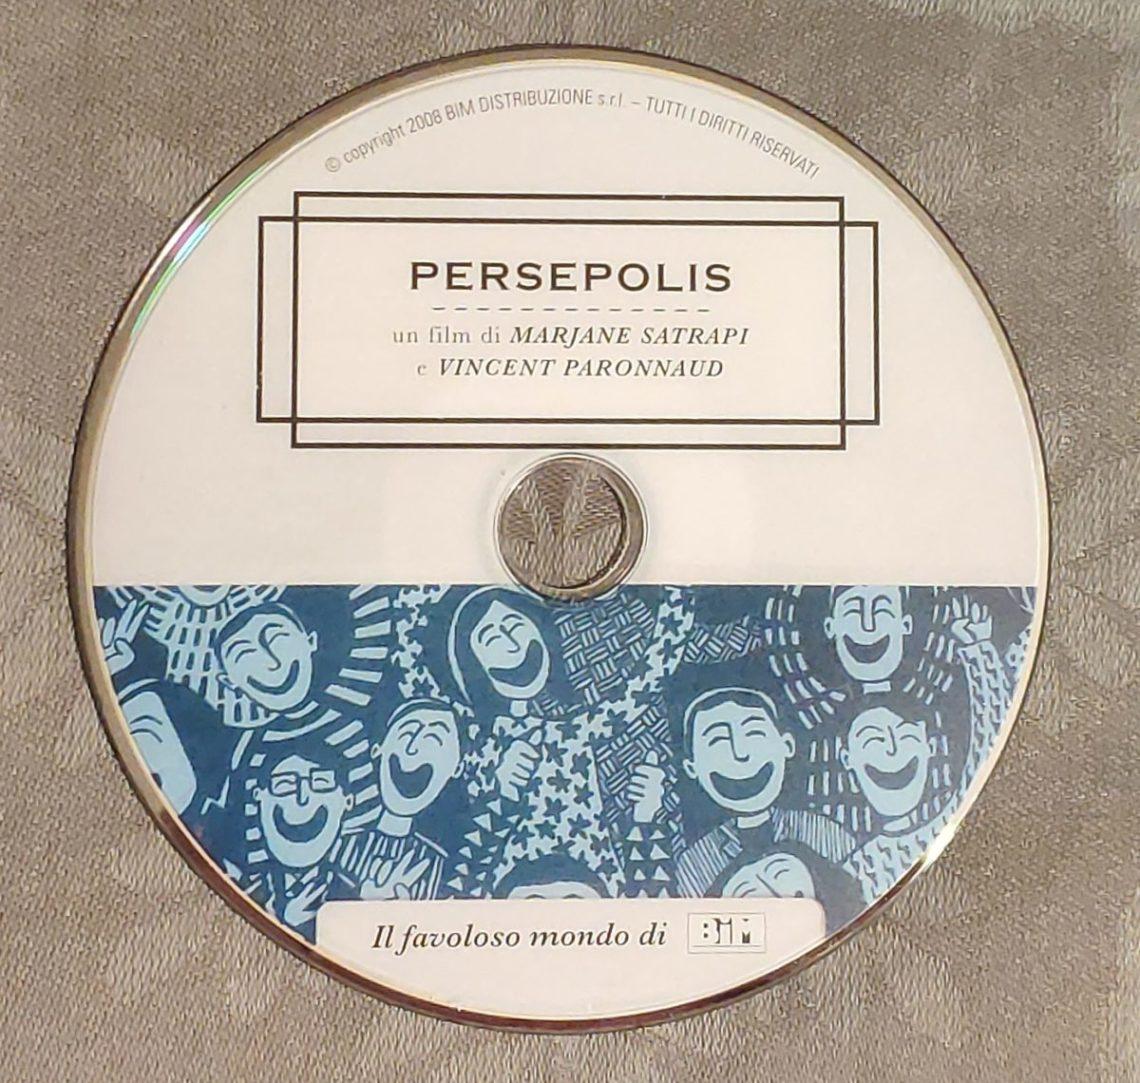 Mio caro fumetto... - DVD del film Persepolis